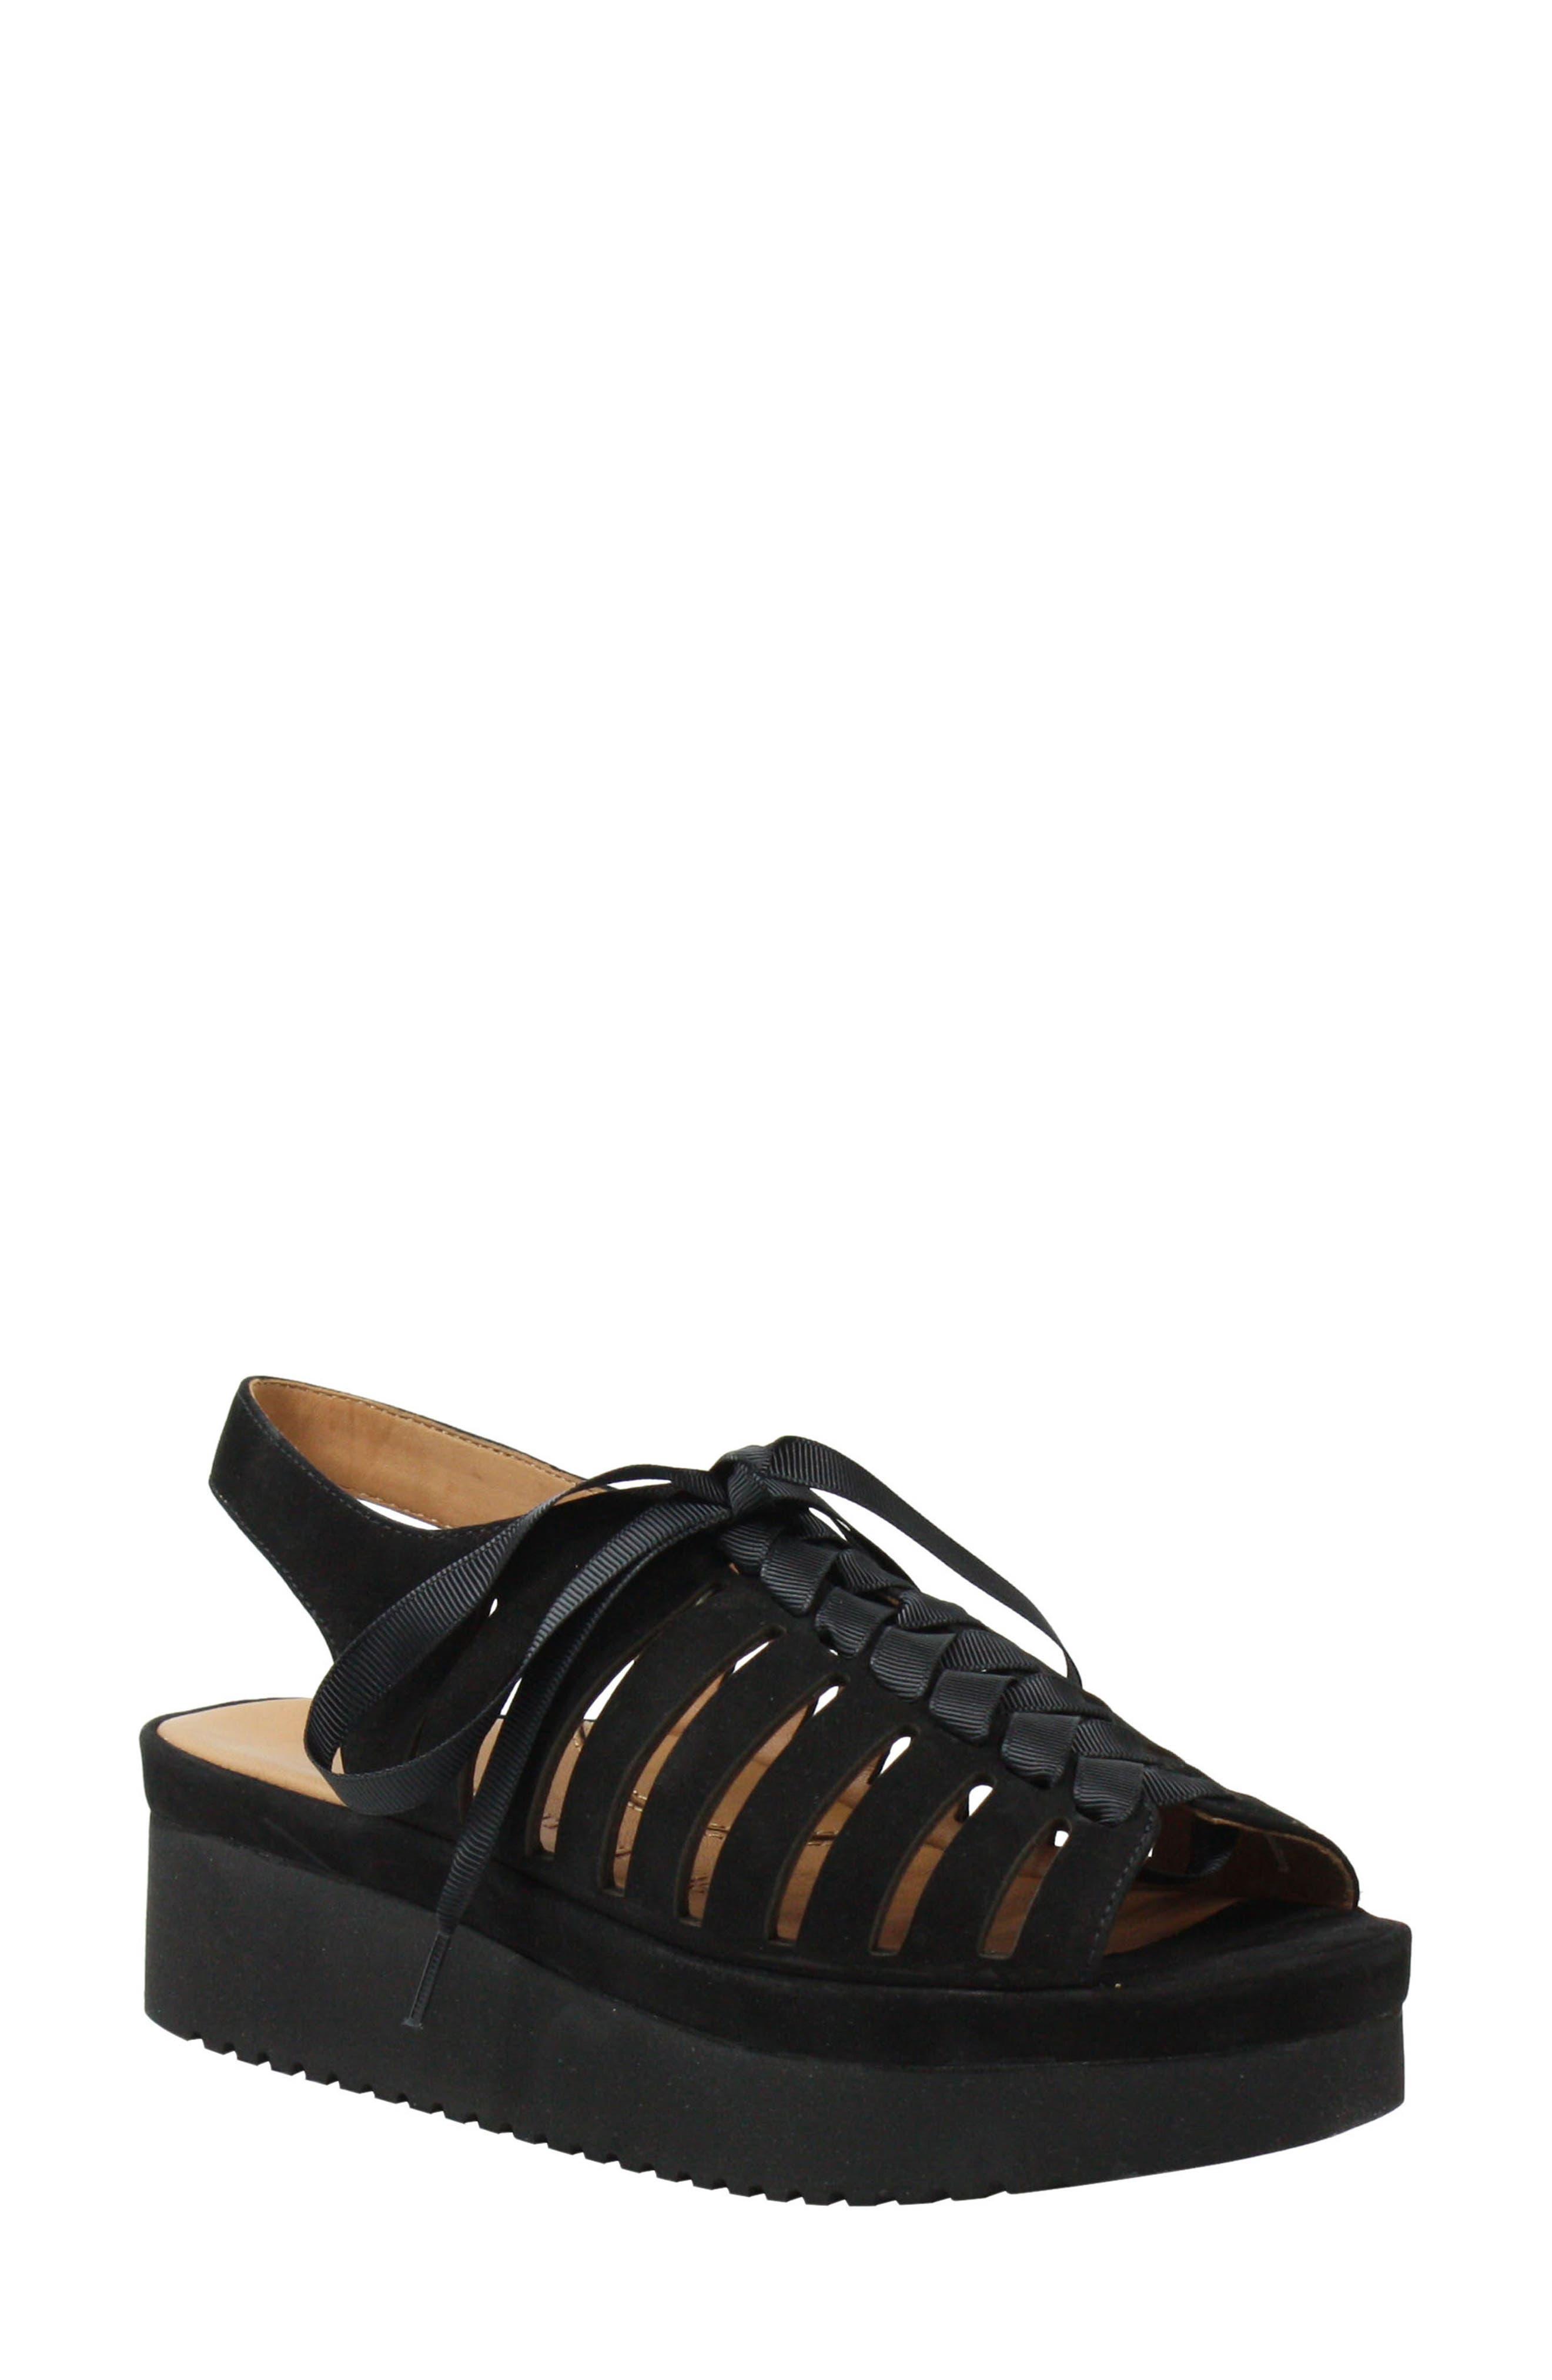 L'AMOUR DES PIEDS, Amarli Sandal, Main thumbnail 1, color, BLACK NUBUCK LEATHER